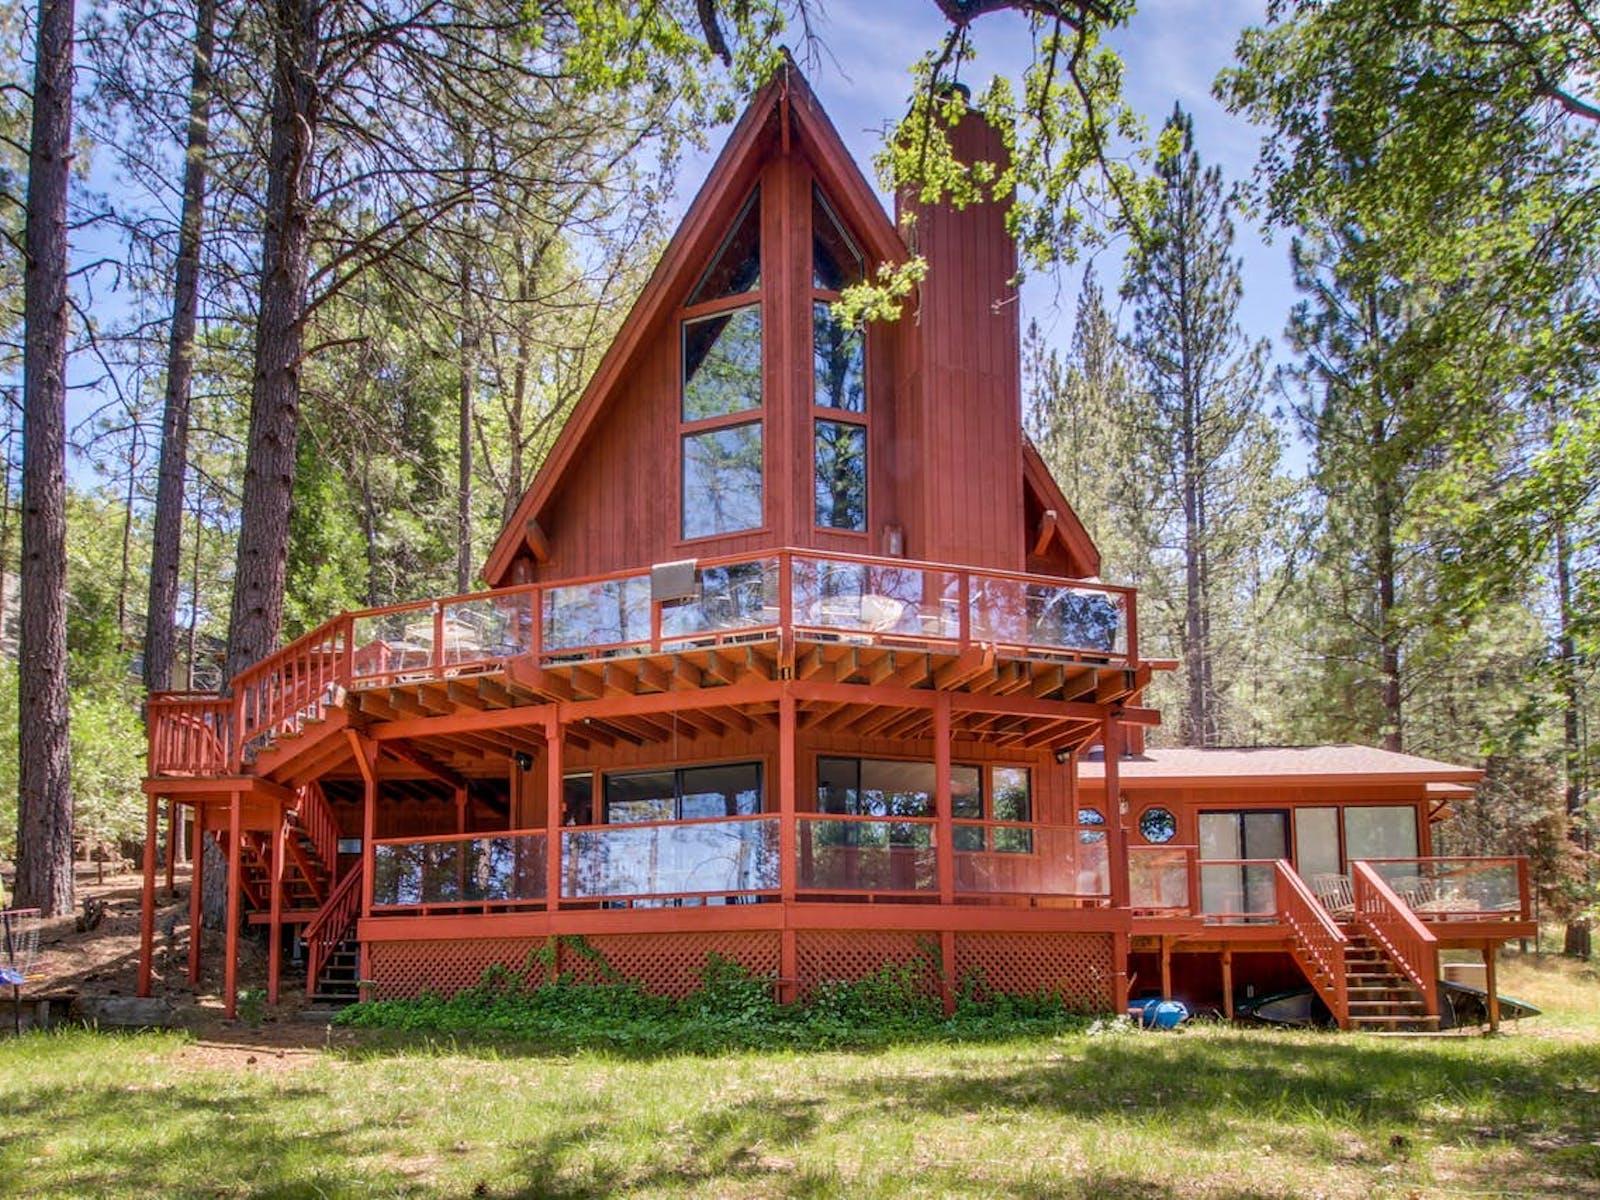 Lake house rental in Yosemite